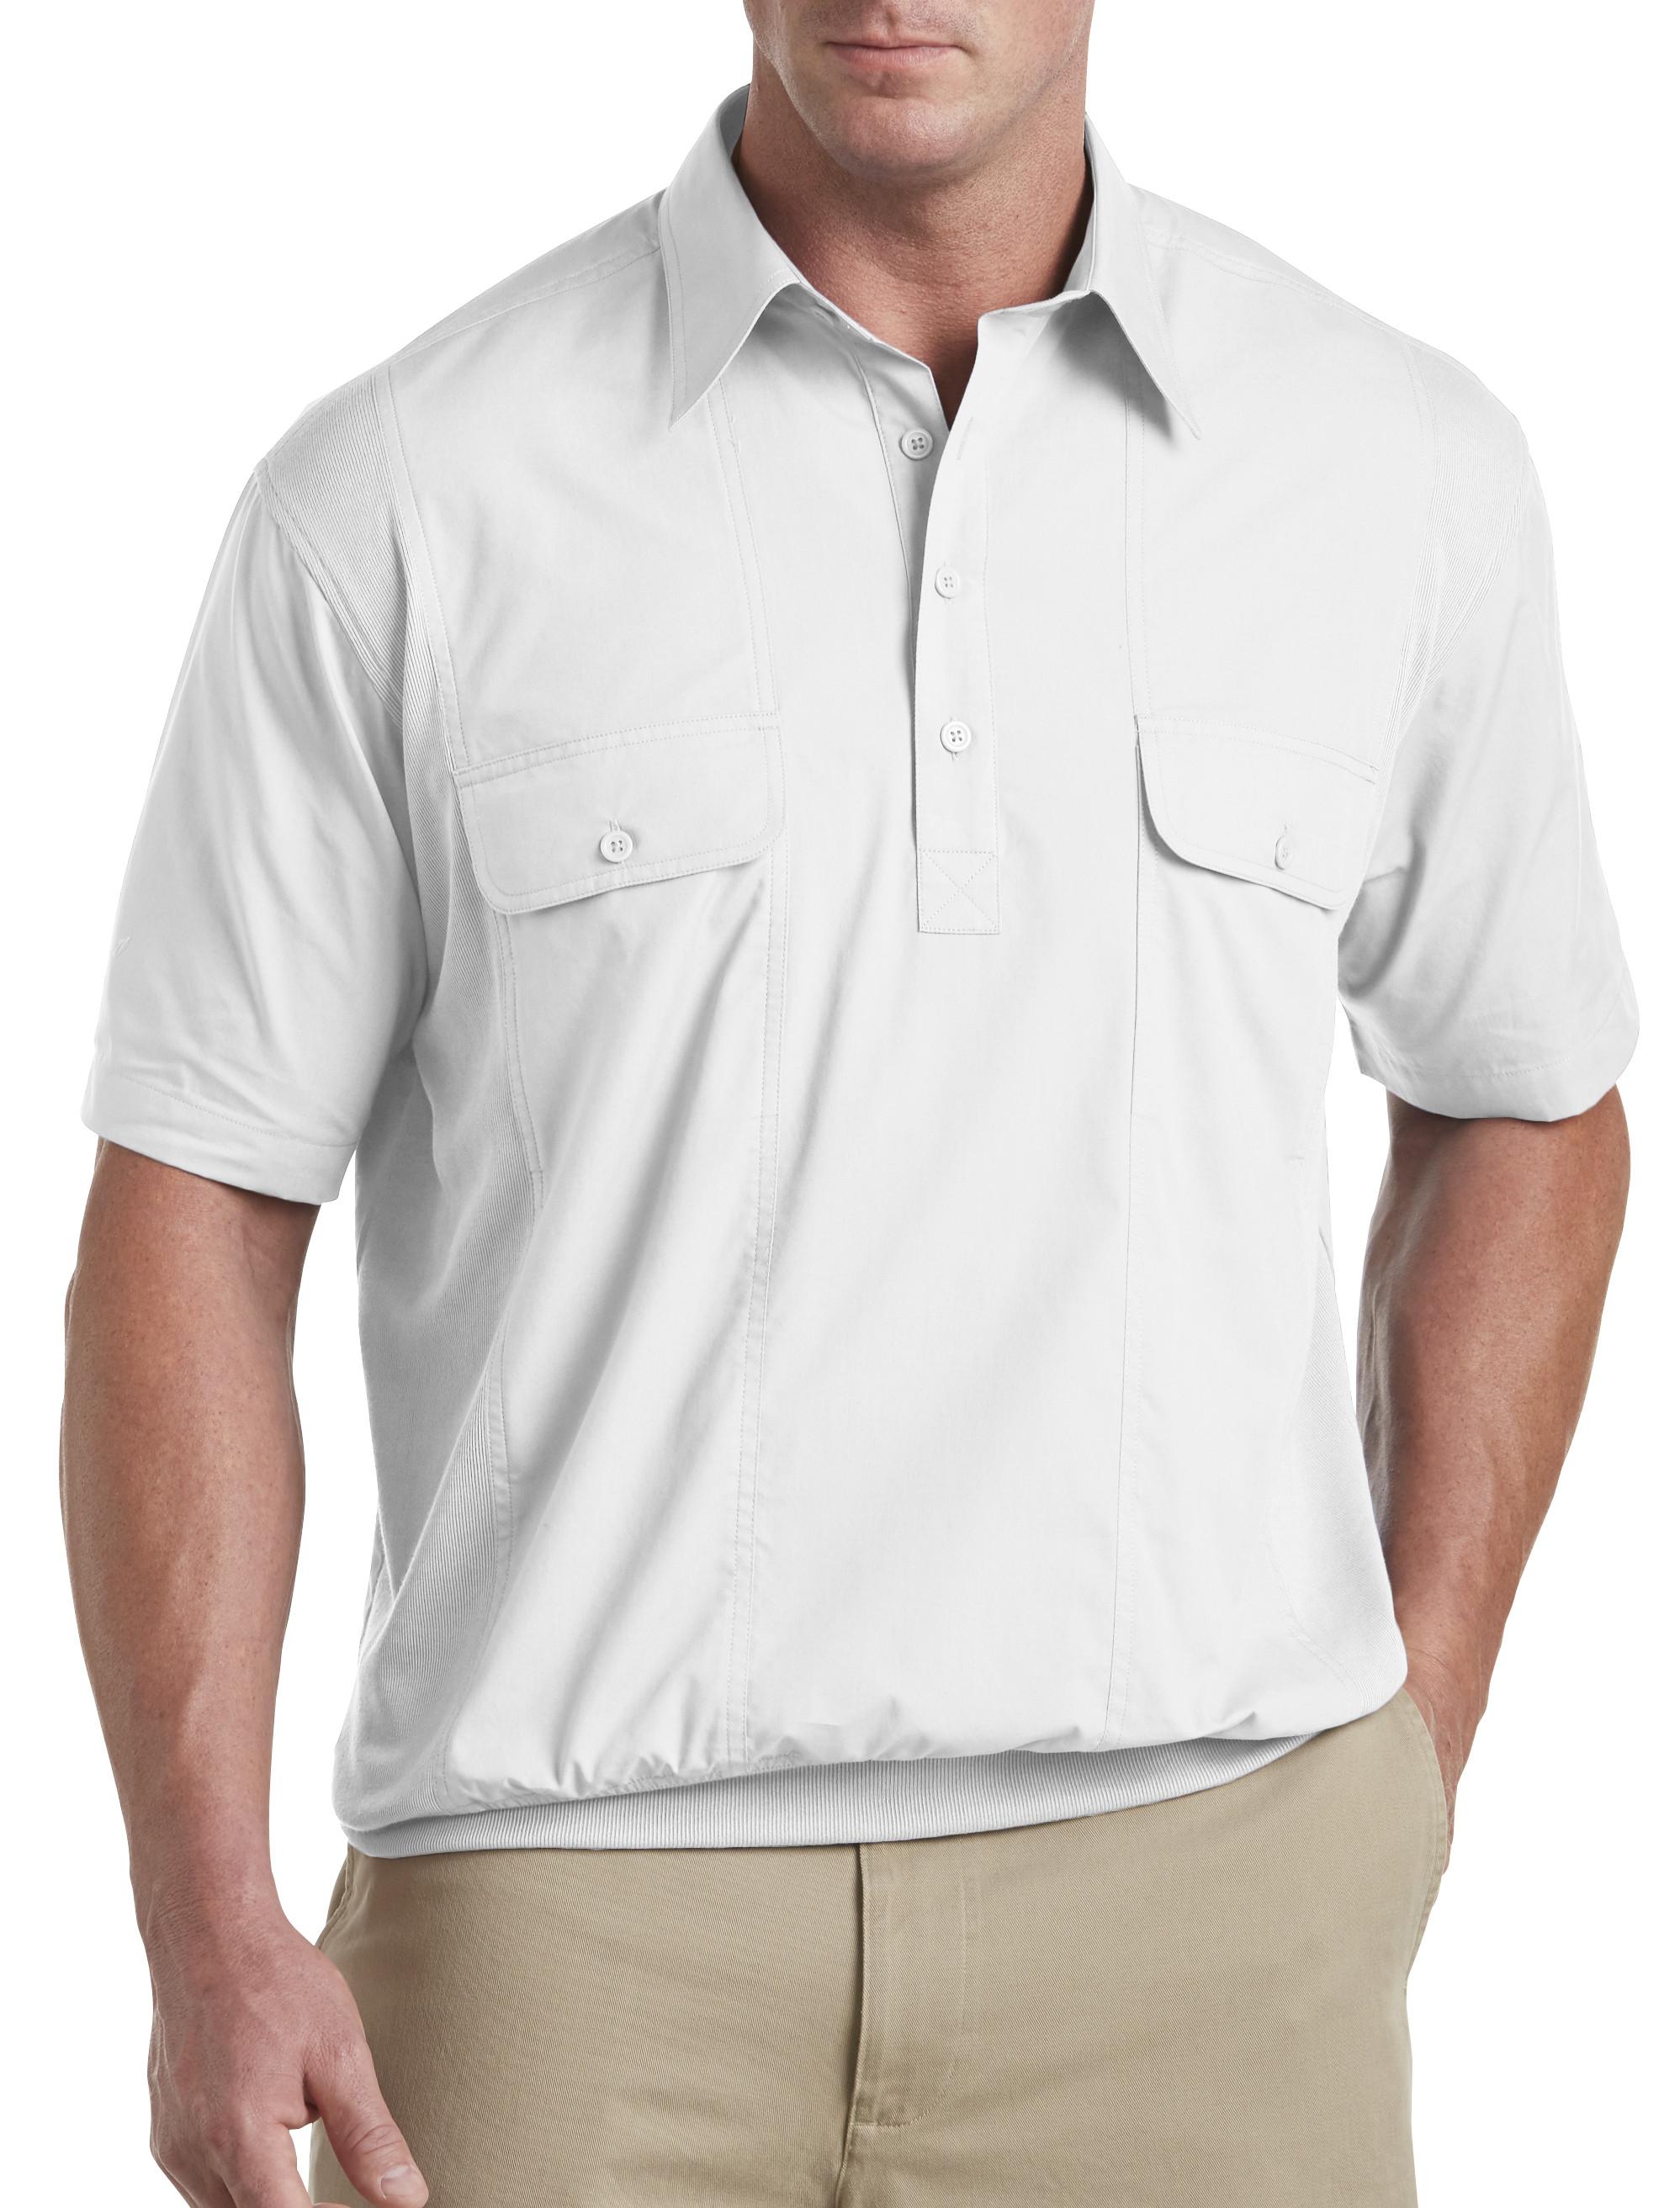 Banded bottom orange shirt are